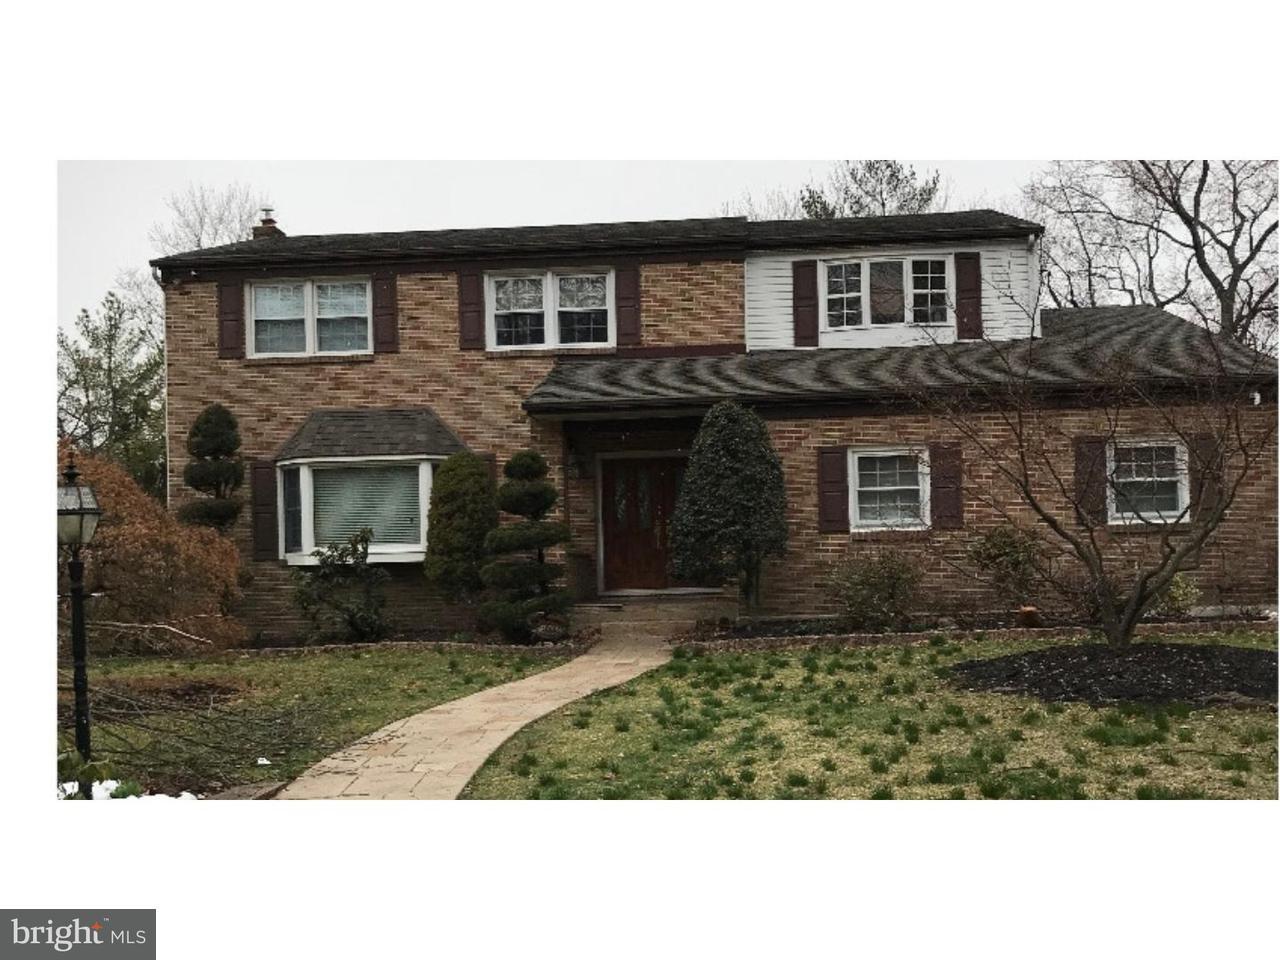 独户住宅 为 出租 在 503 BALSAM Road Cherry Hill, 新泽西州 08003 美国